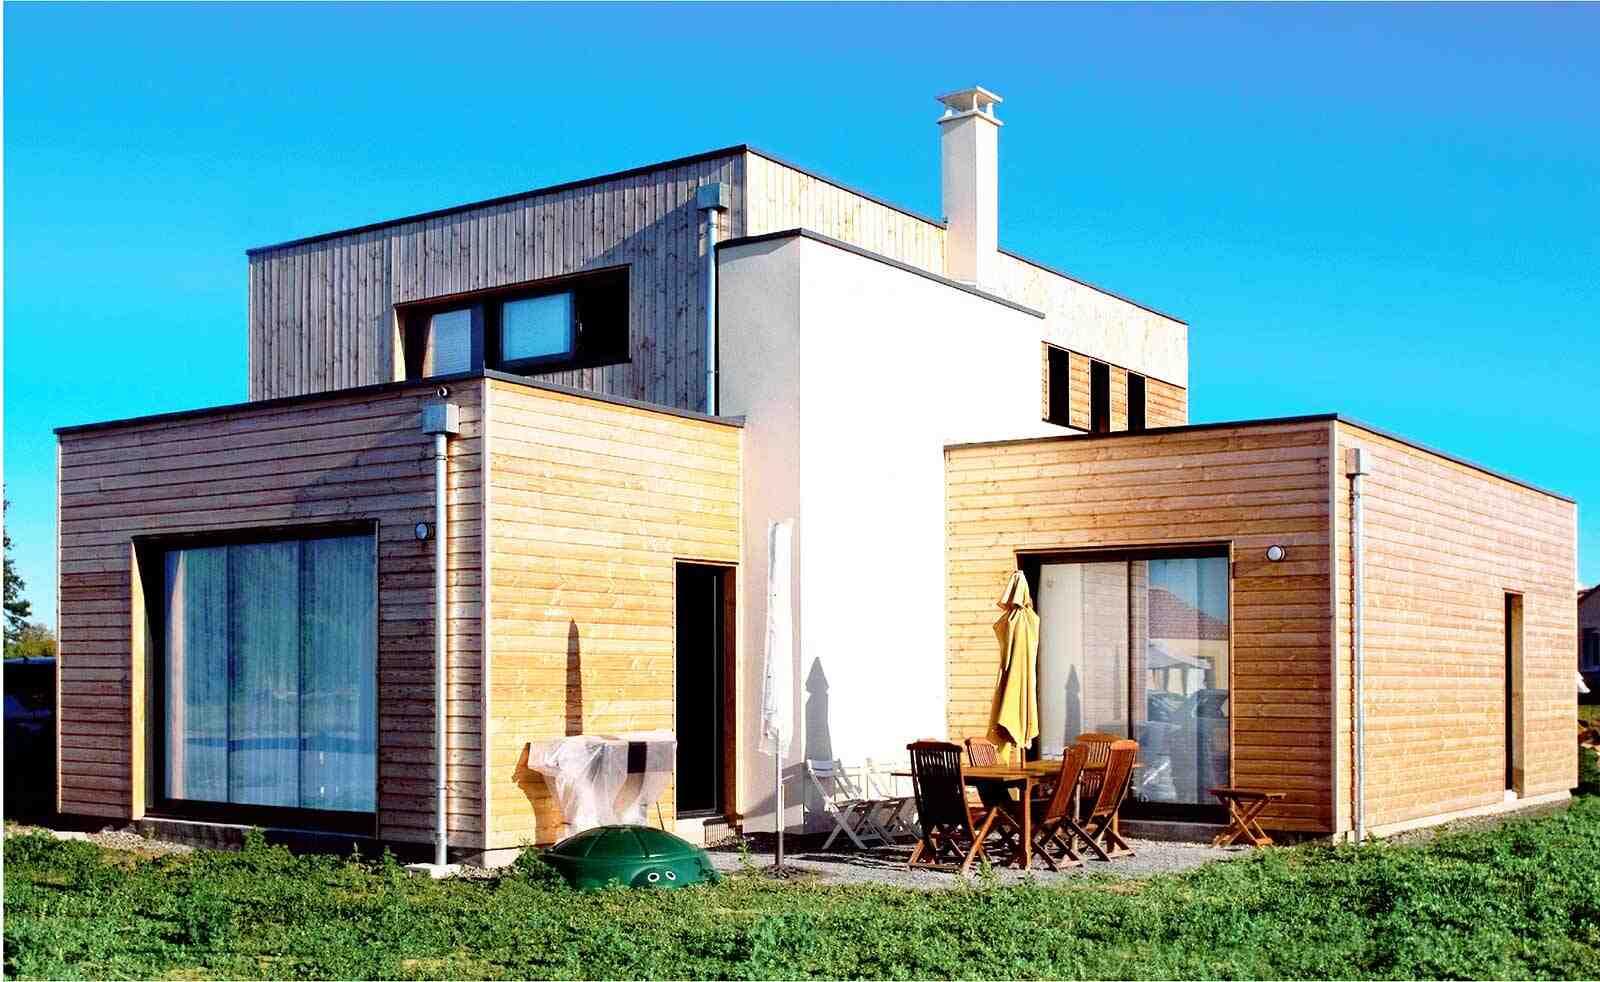 Quels sont les impacts environnementaux de la conception des briques?